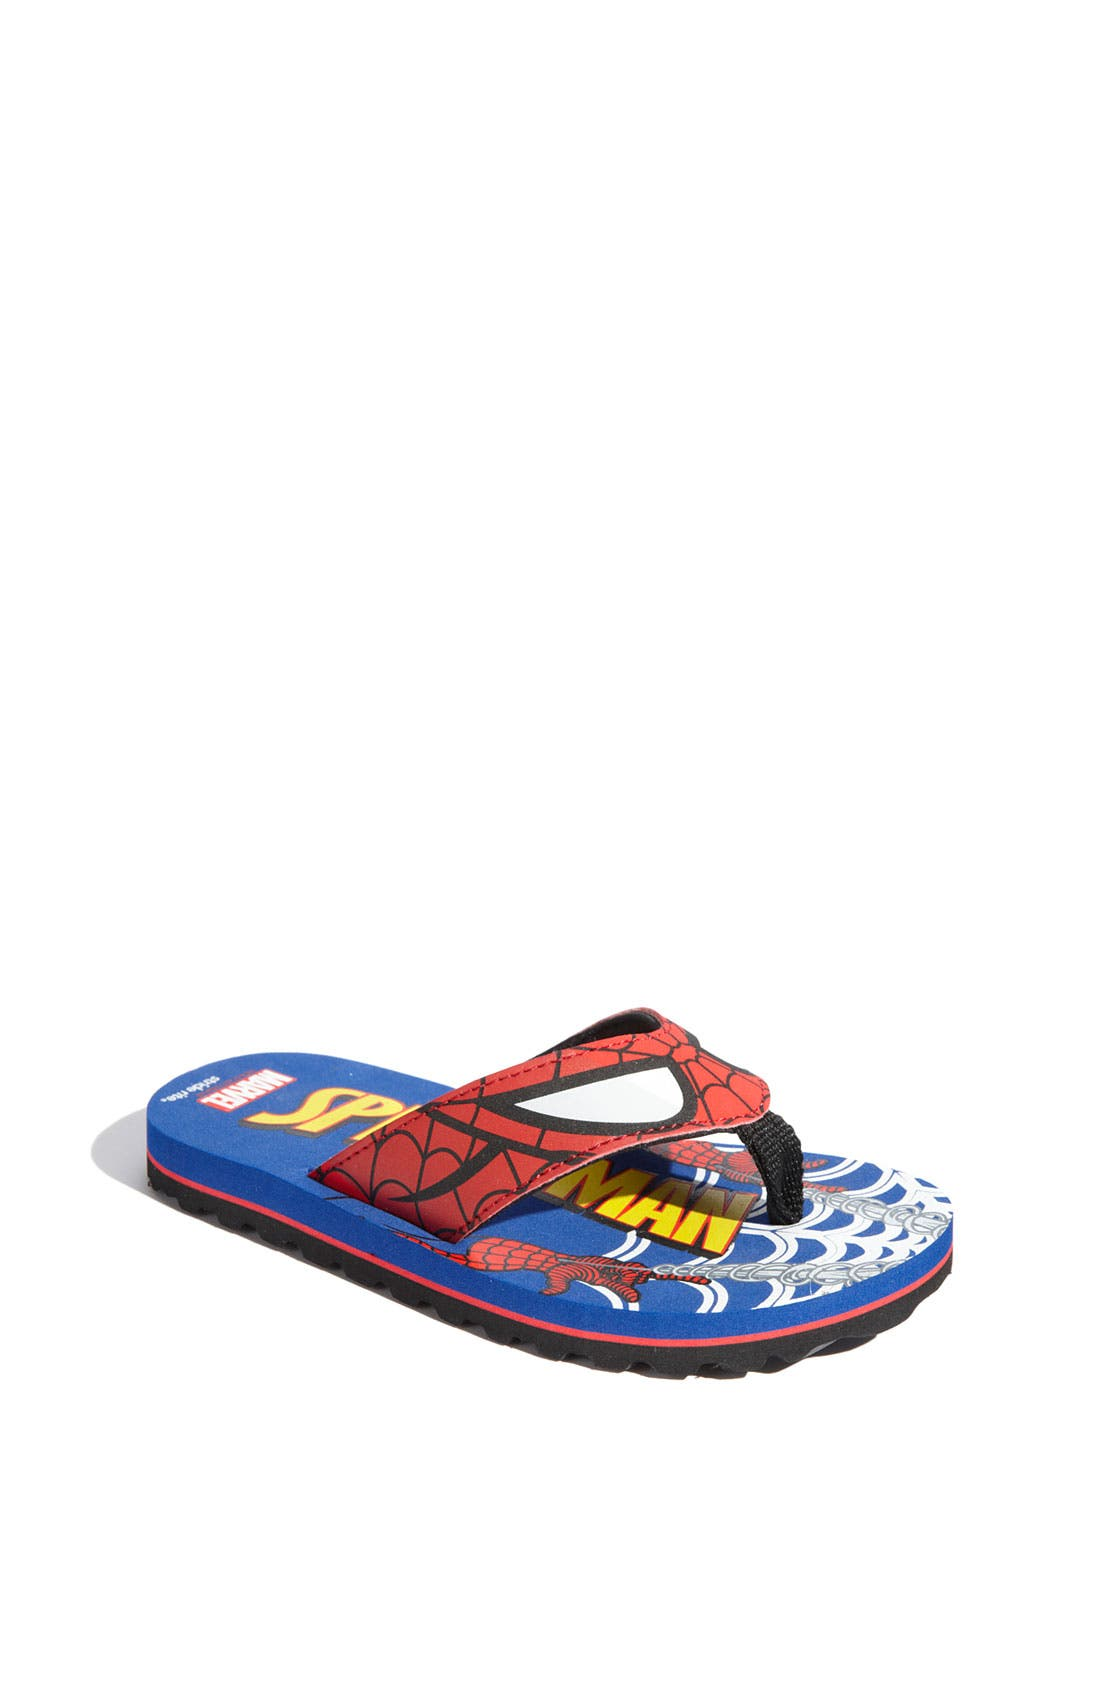 Main Image - Stride Rite 'Marvel® Comic' Flip Flop (Walker, Toddler & Little Kid)